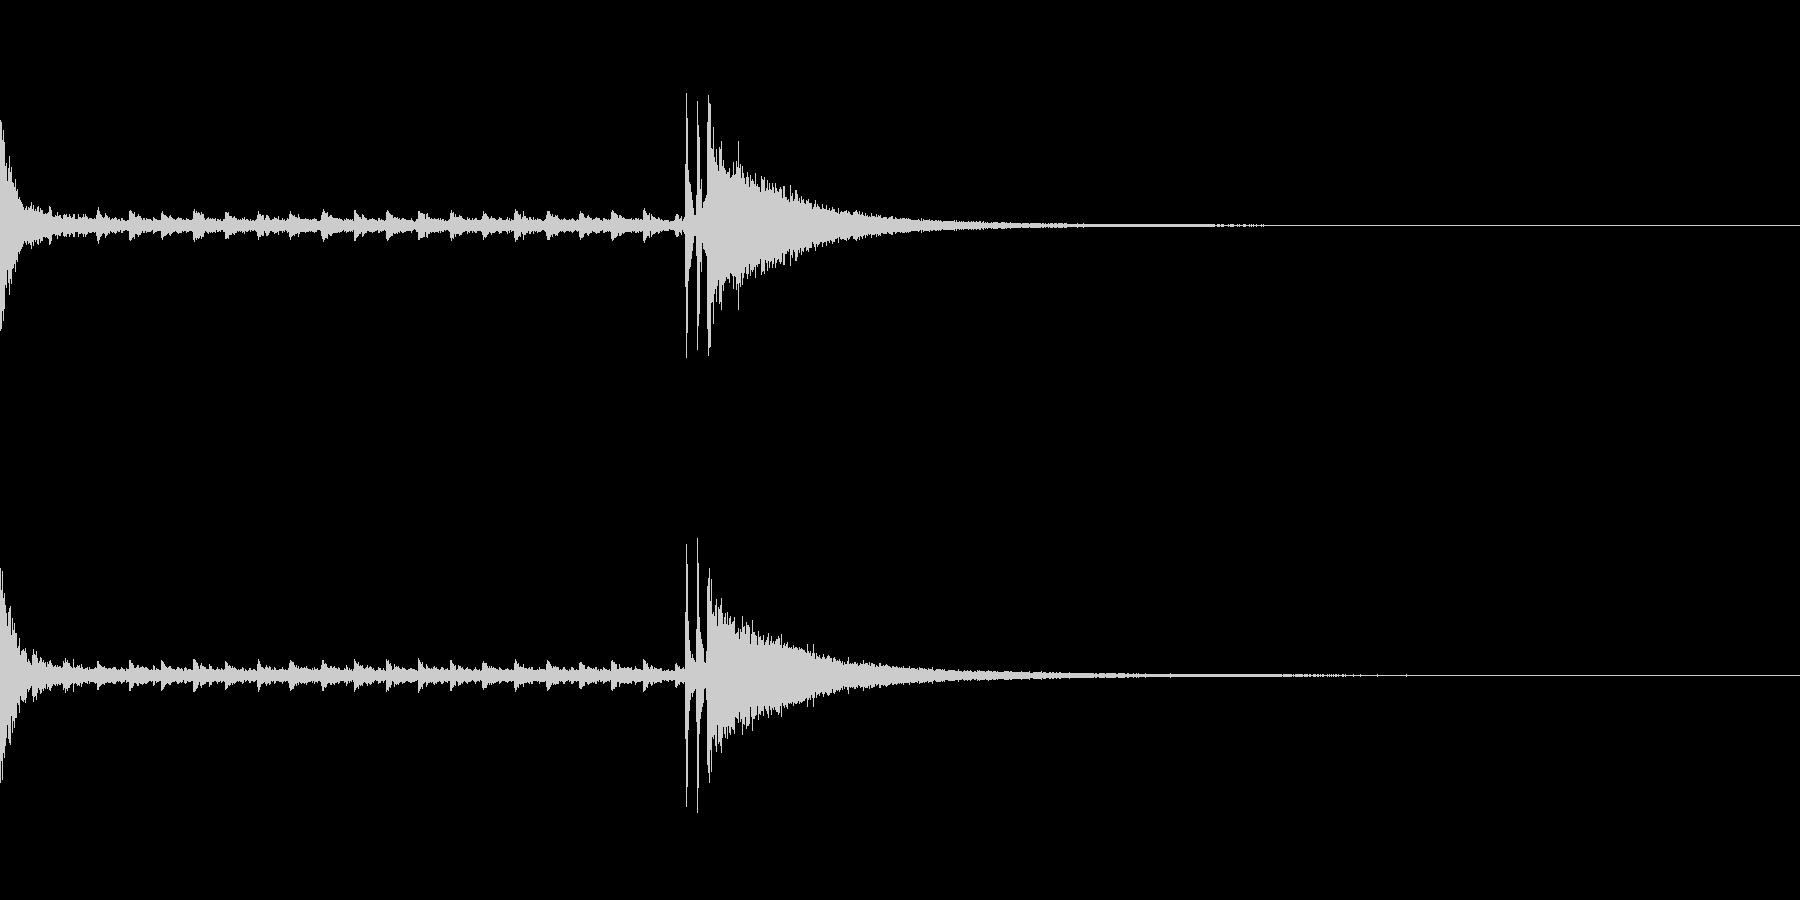 結果発表などのシンプルなドラムロールの未再生の波形